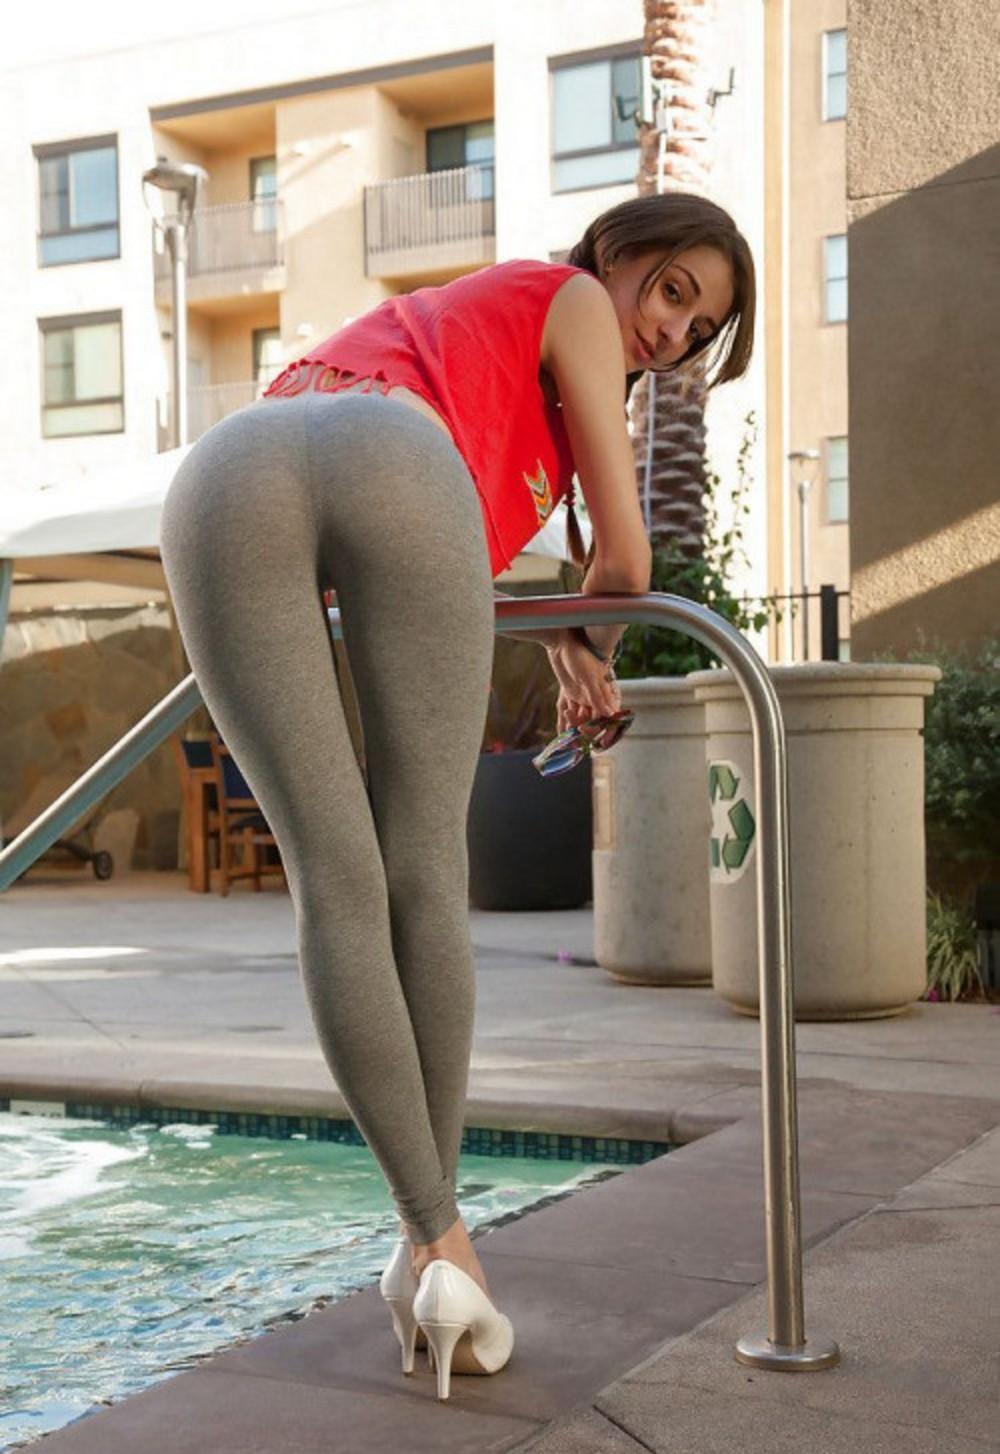 Big ass mature anal porn stars